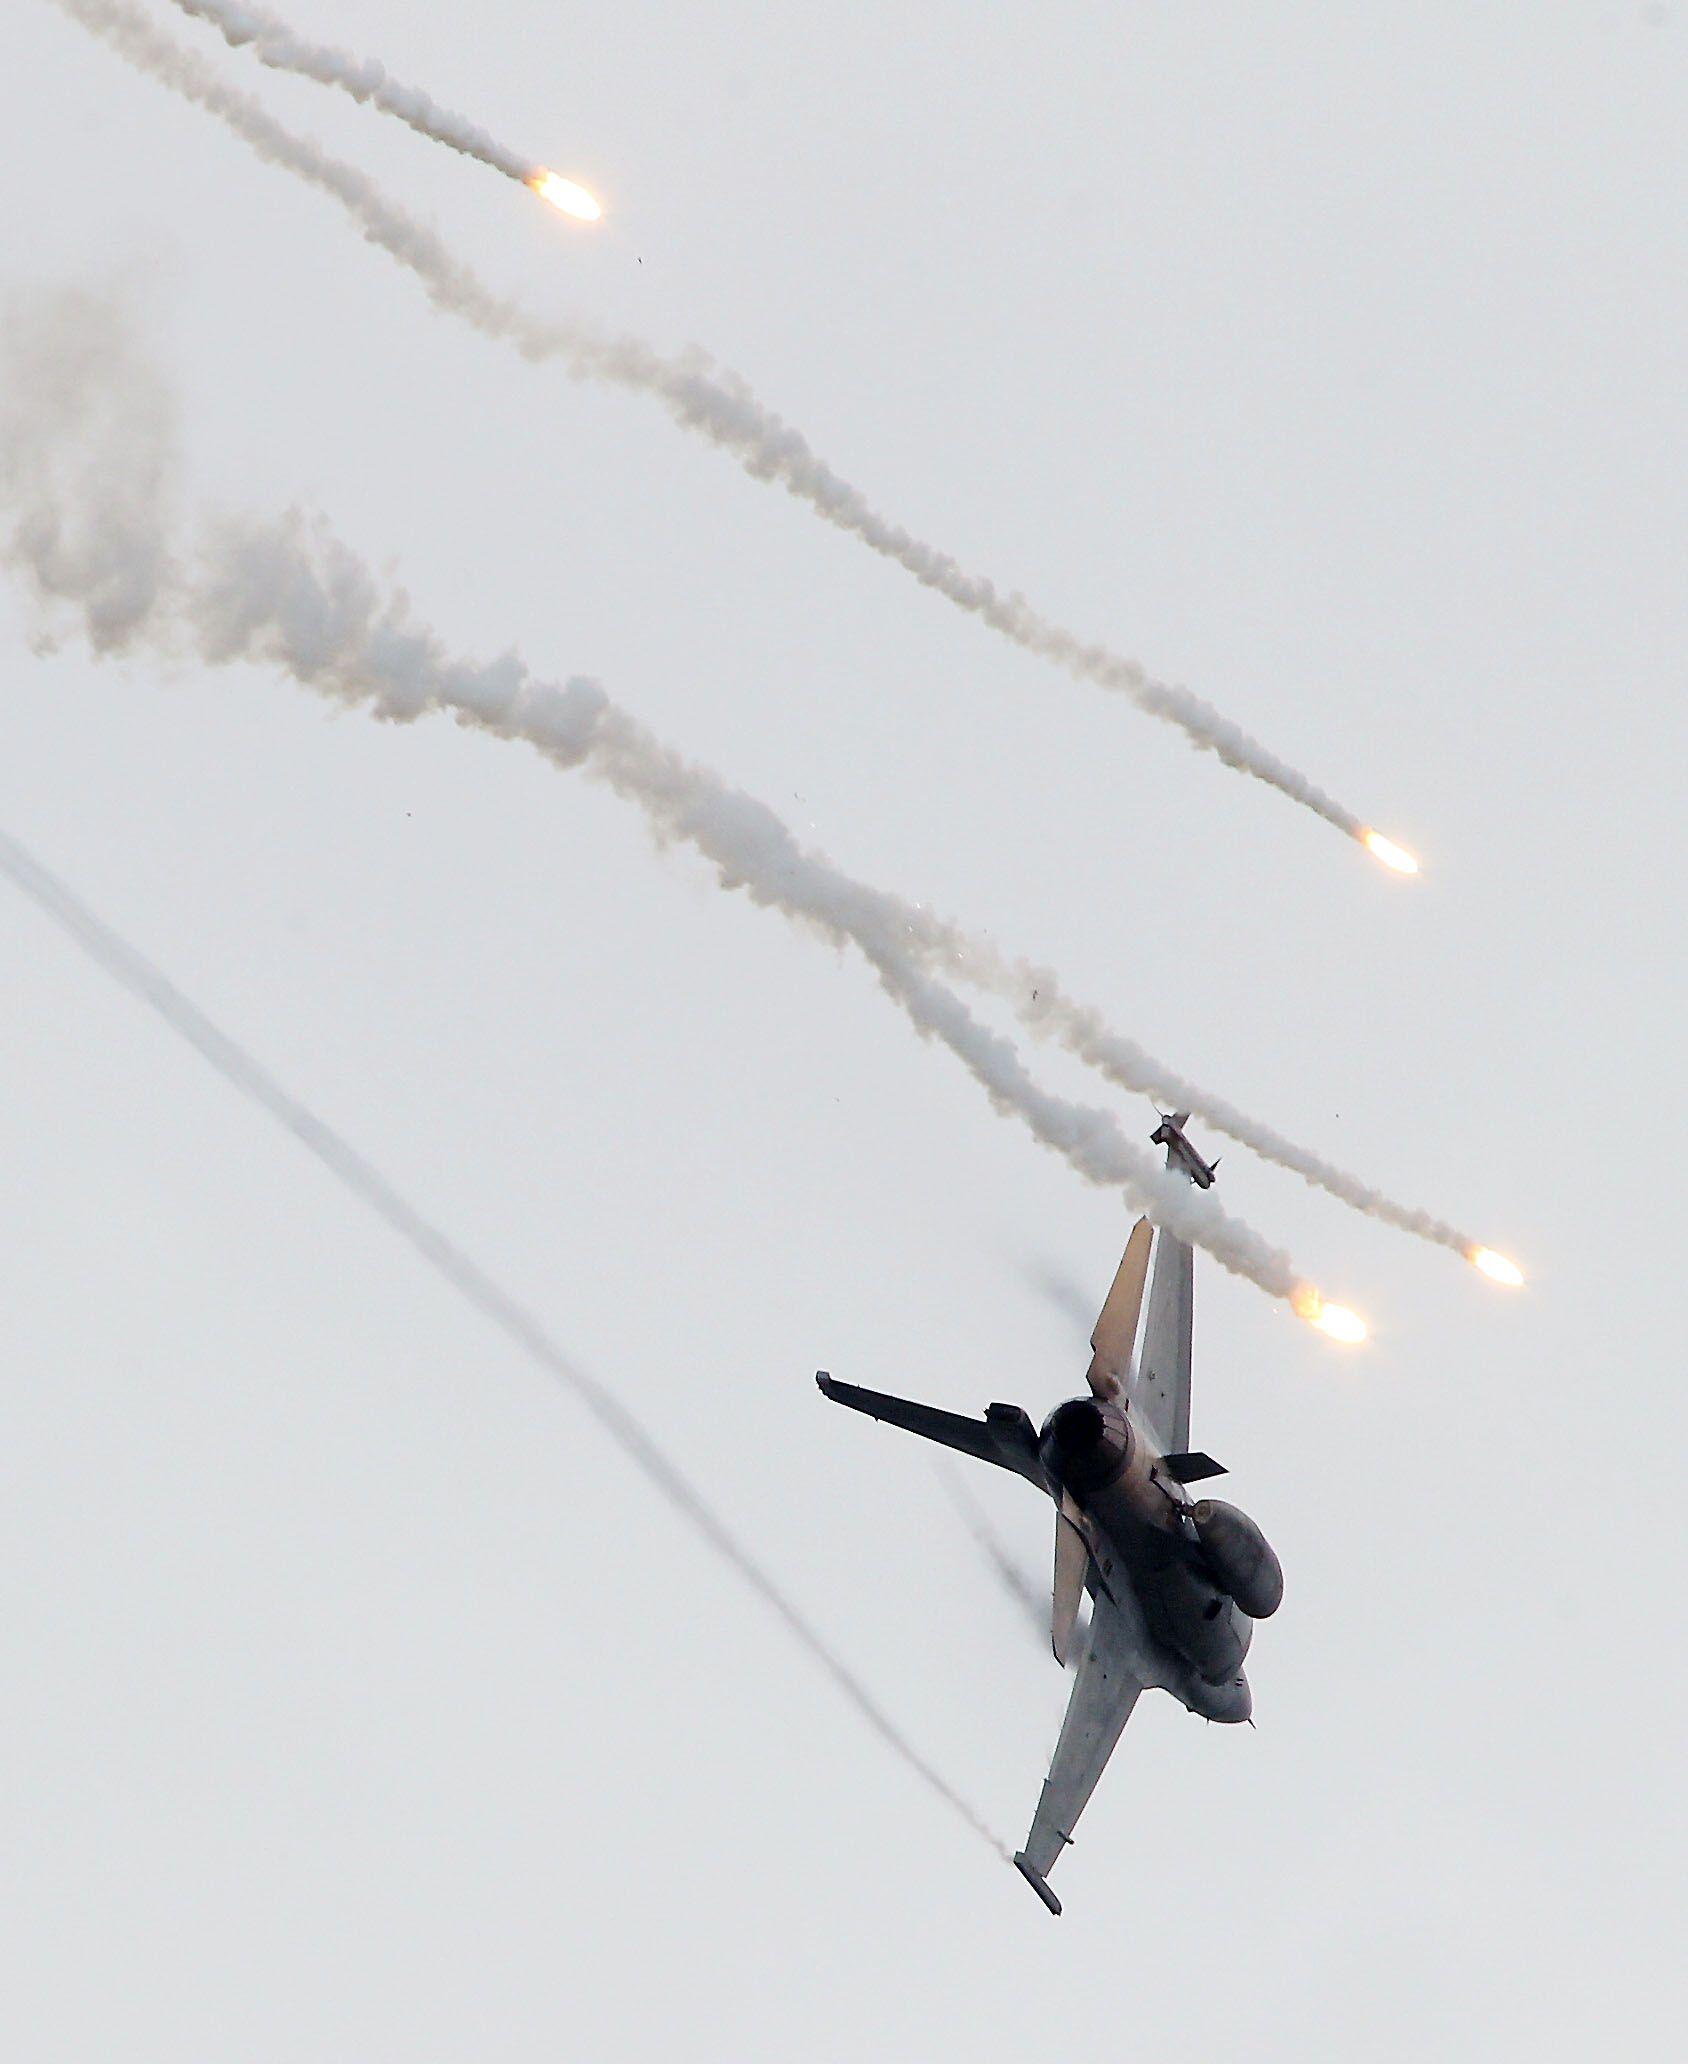 漢光演習國軍F16戰機實施空中掩護施放熱焰彈。(記者邱榮吉/攝影)